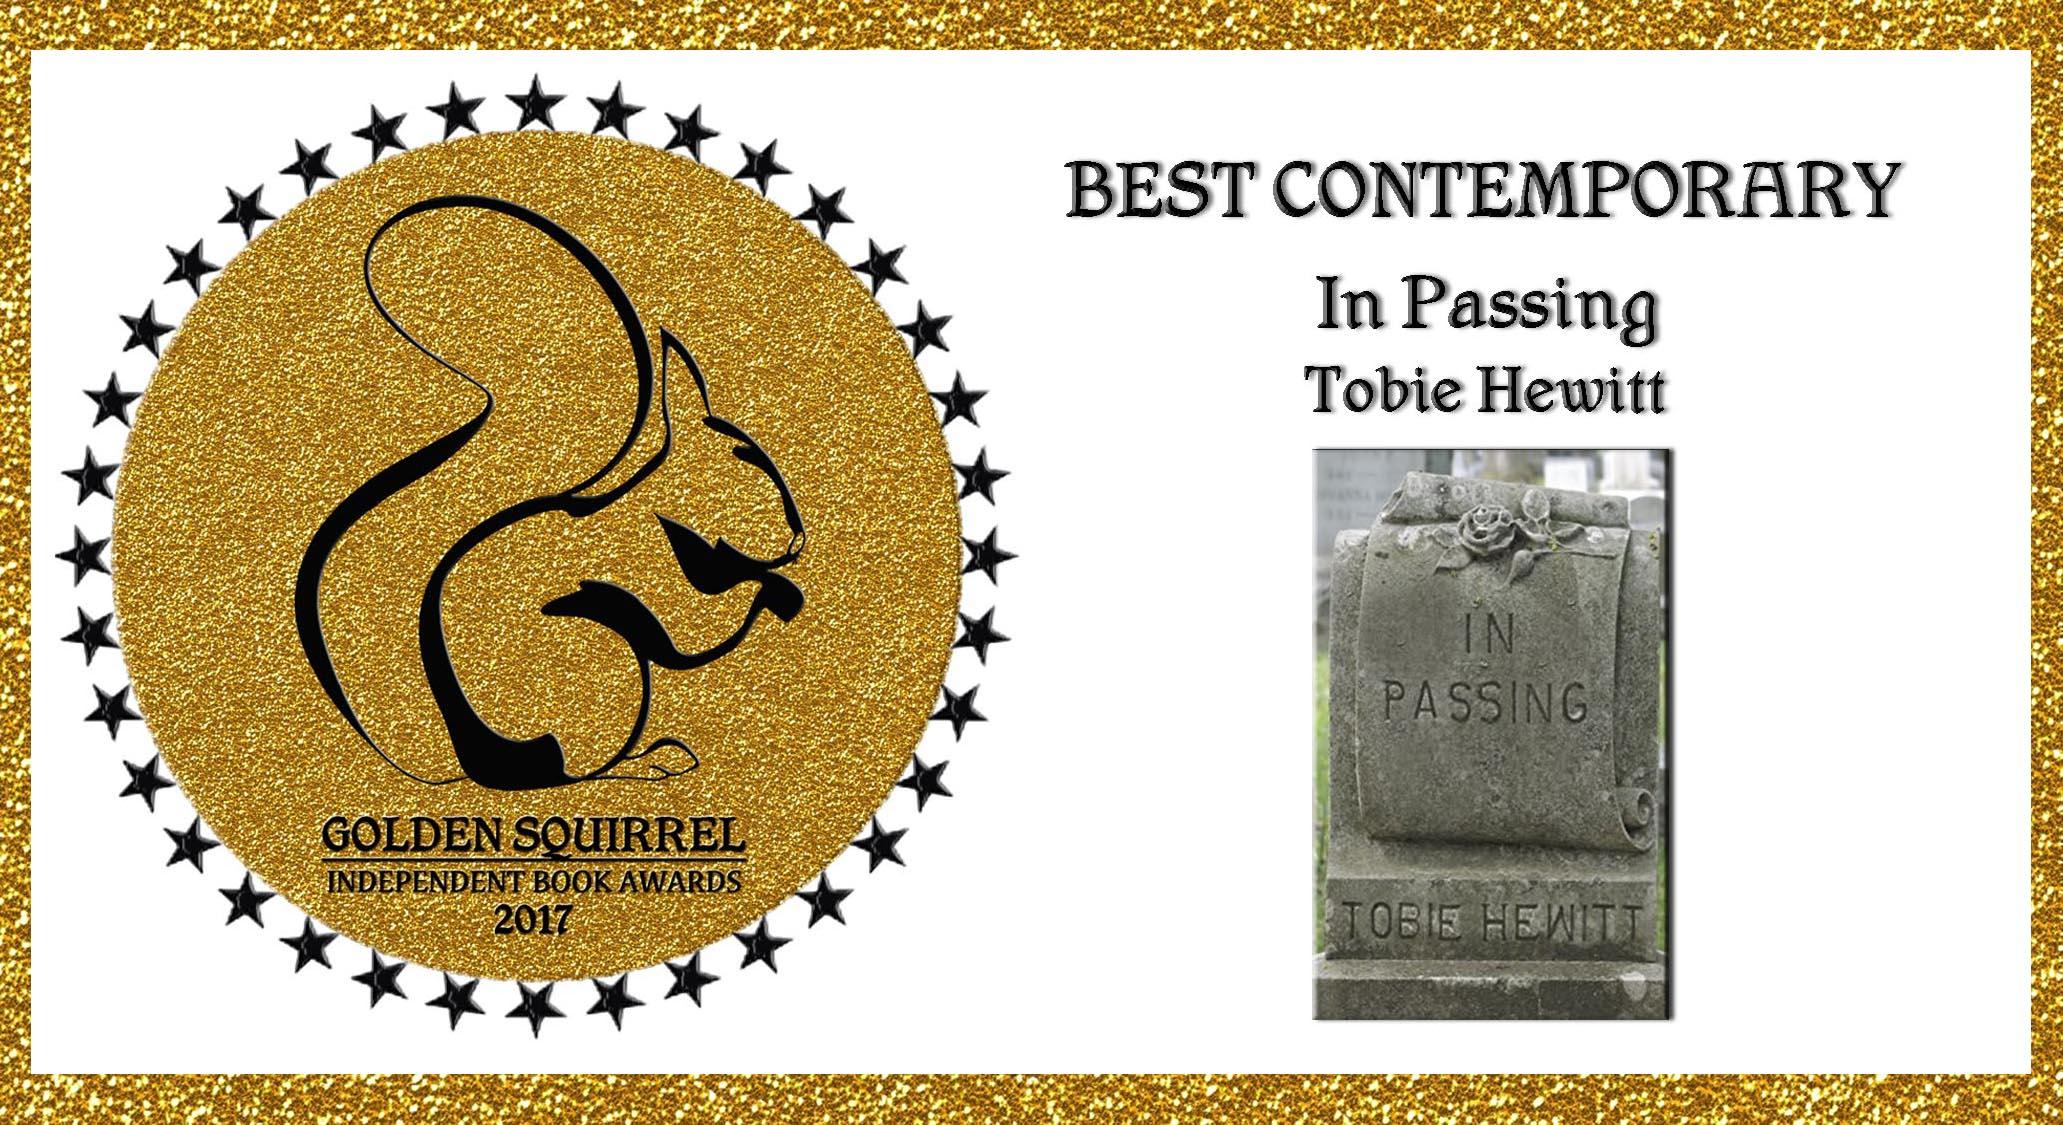 Golden Squirrel Best Contemporary